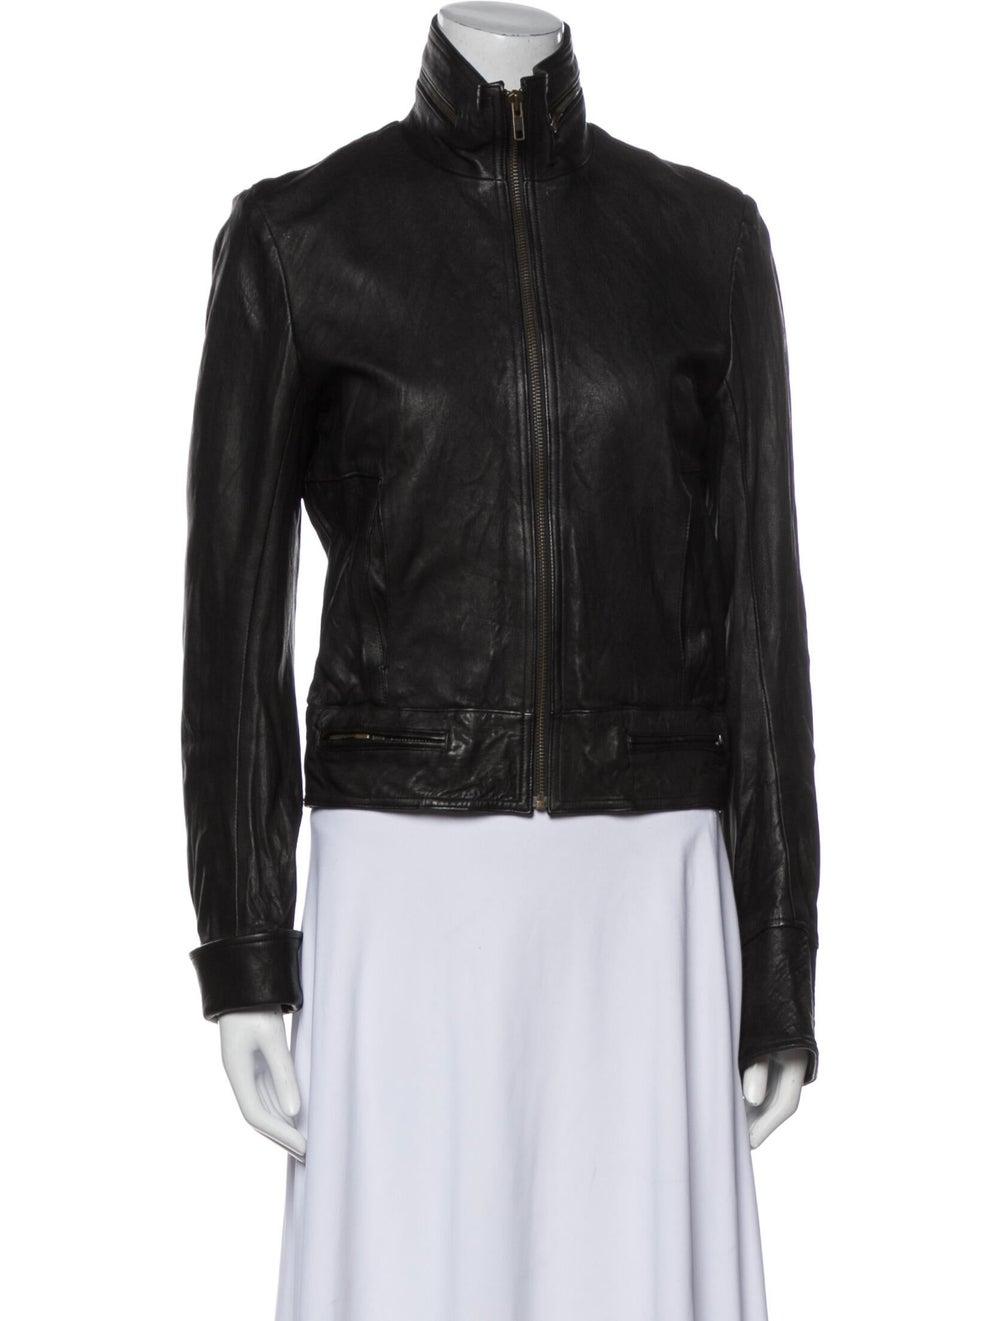 Duarte Leather Biker Jacket Black - image 1